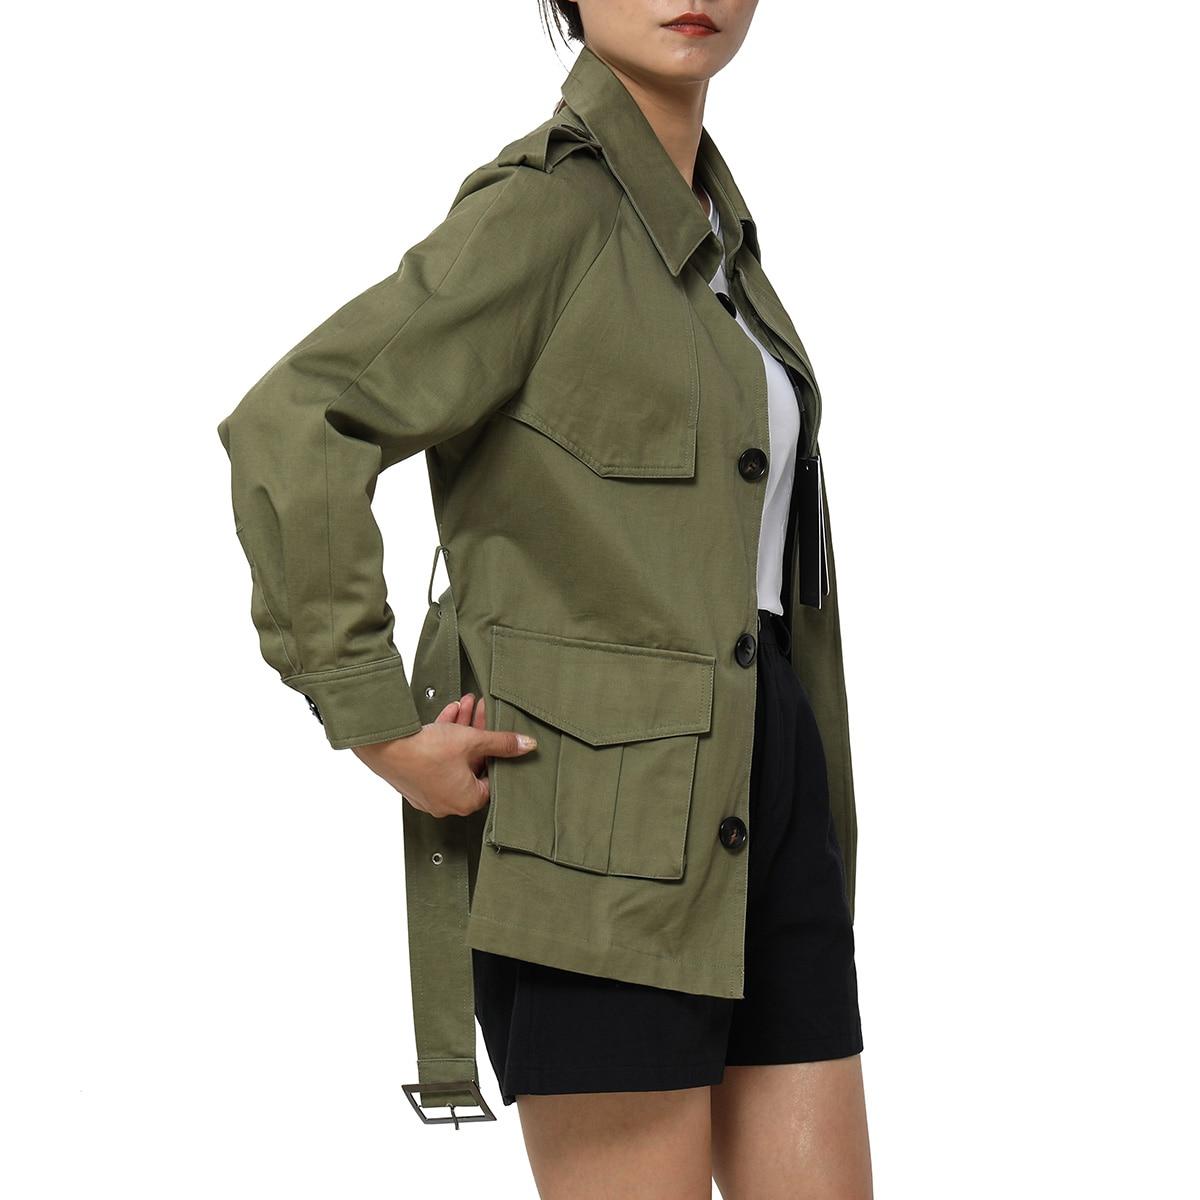 Jastie   Trench   Coat Top Women Single Breasted Short Coats 2019 Fashion Streetwear Outerwear Tops Overcoat Casual Windbreaker